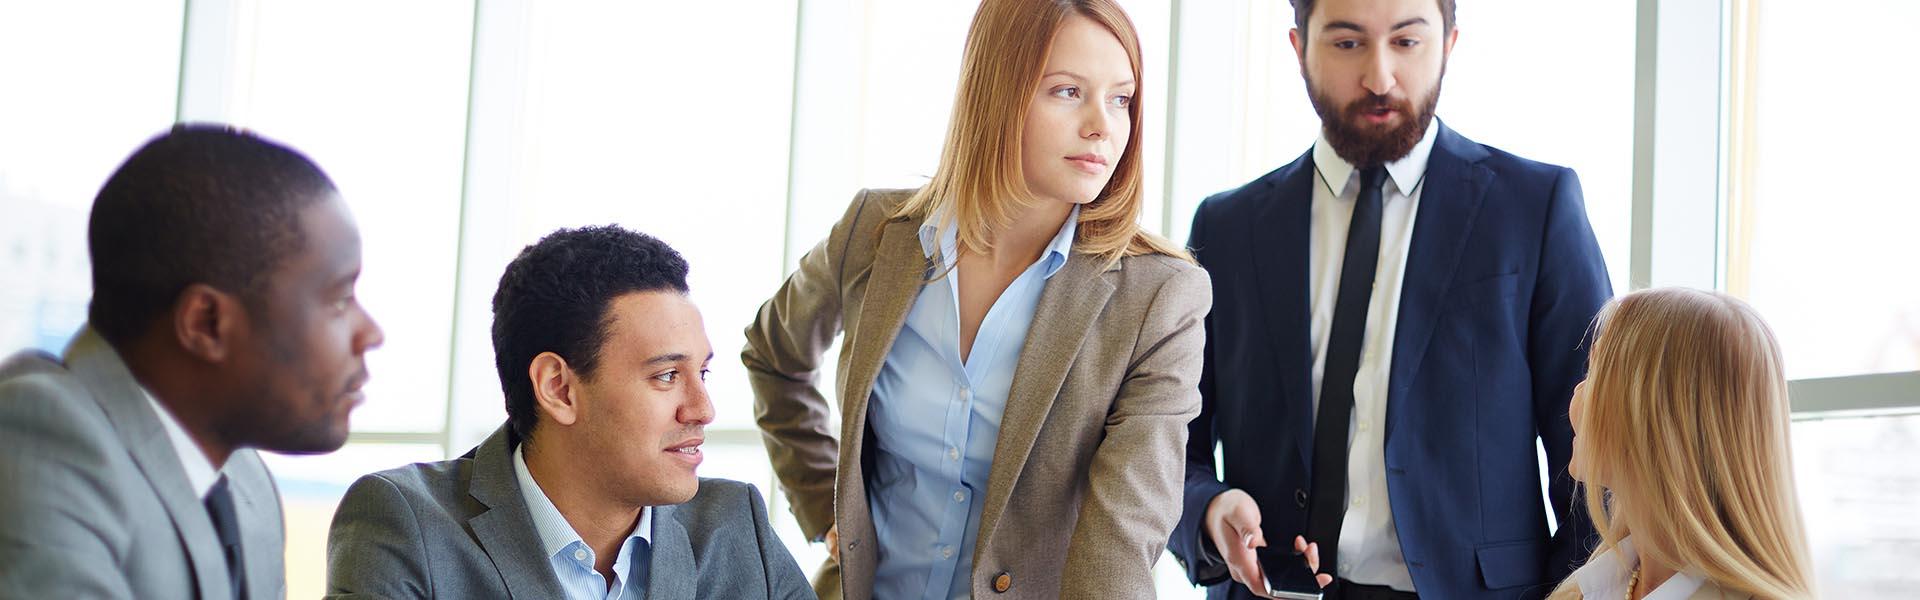 Reunião de negócios entre jovens empreendedores duas mulheres e três homens